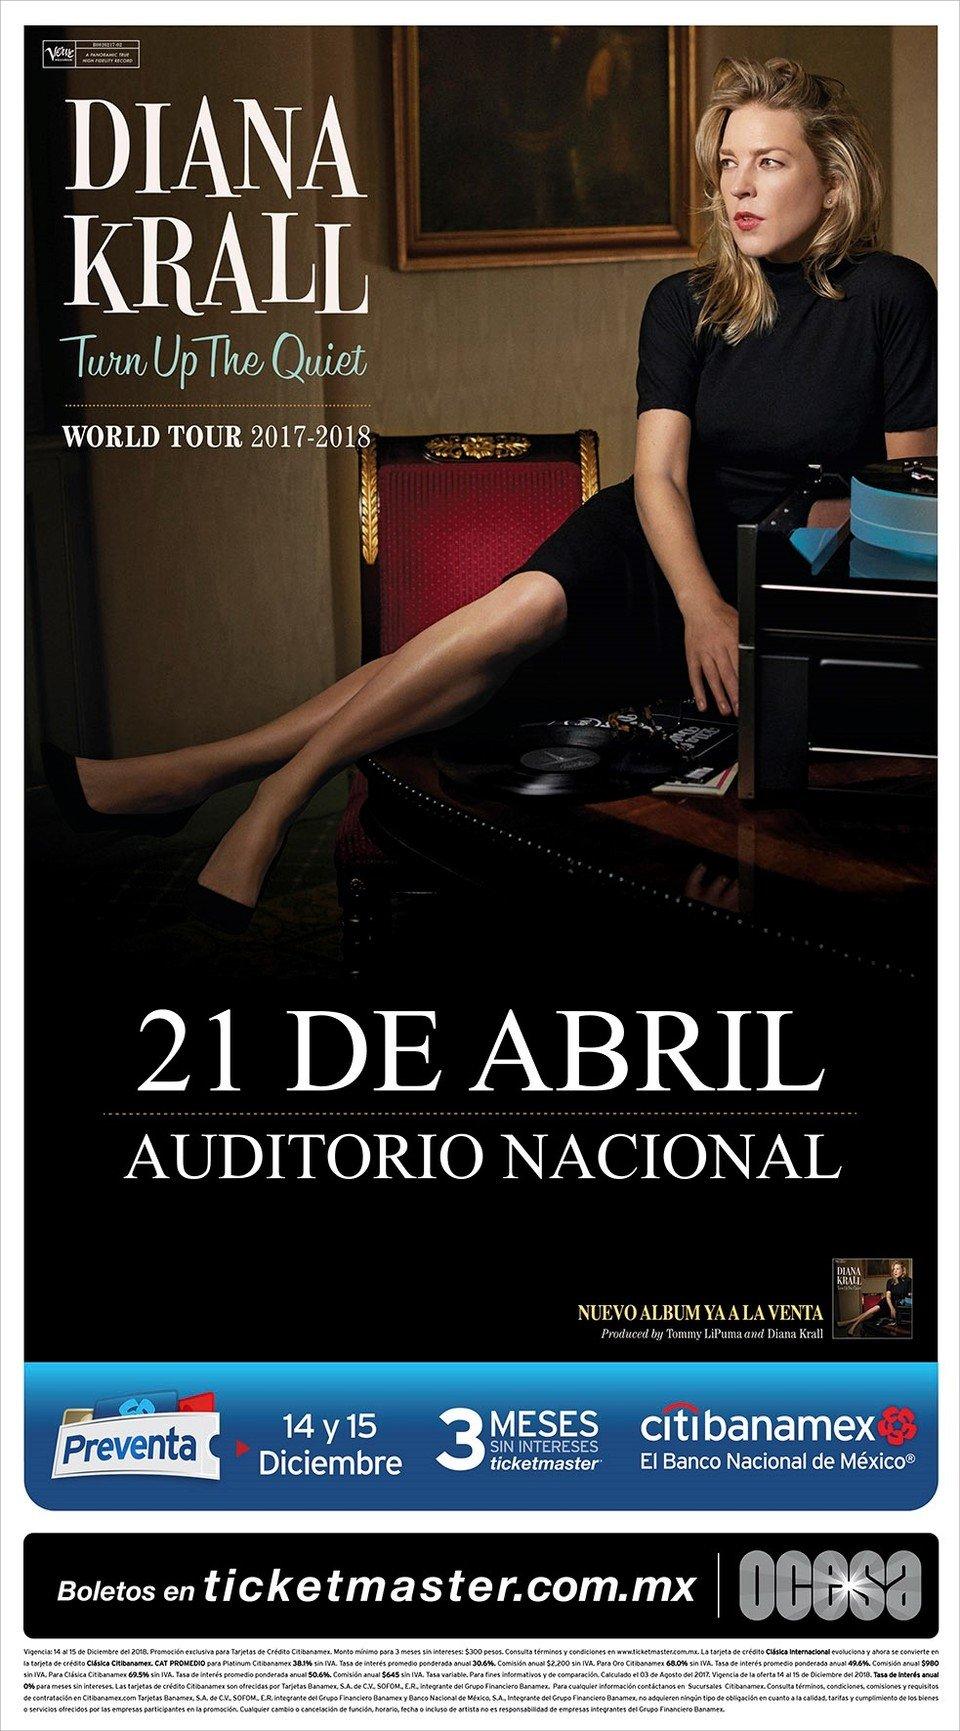 Diana Krall- arte.jpg